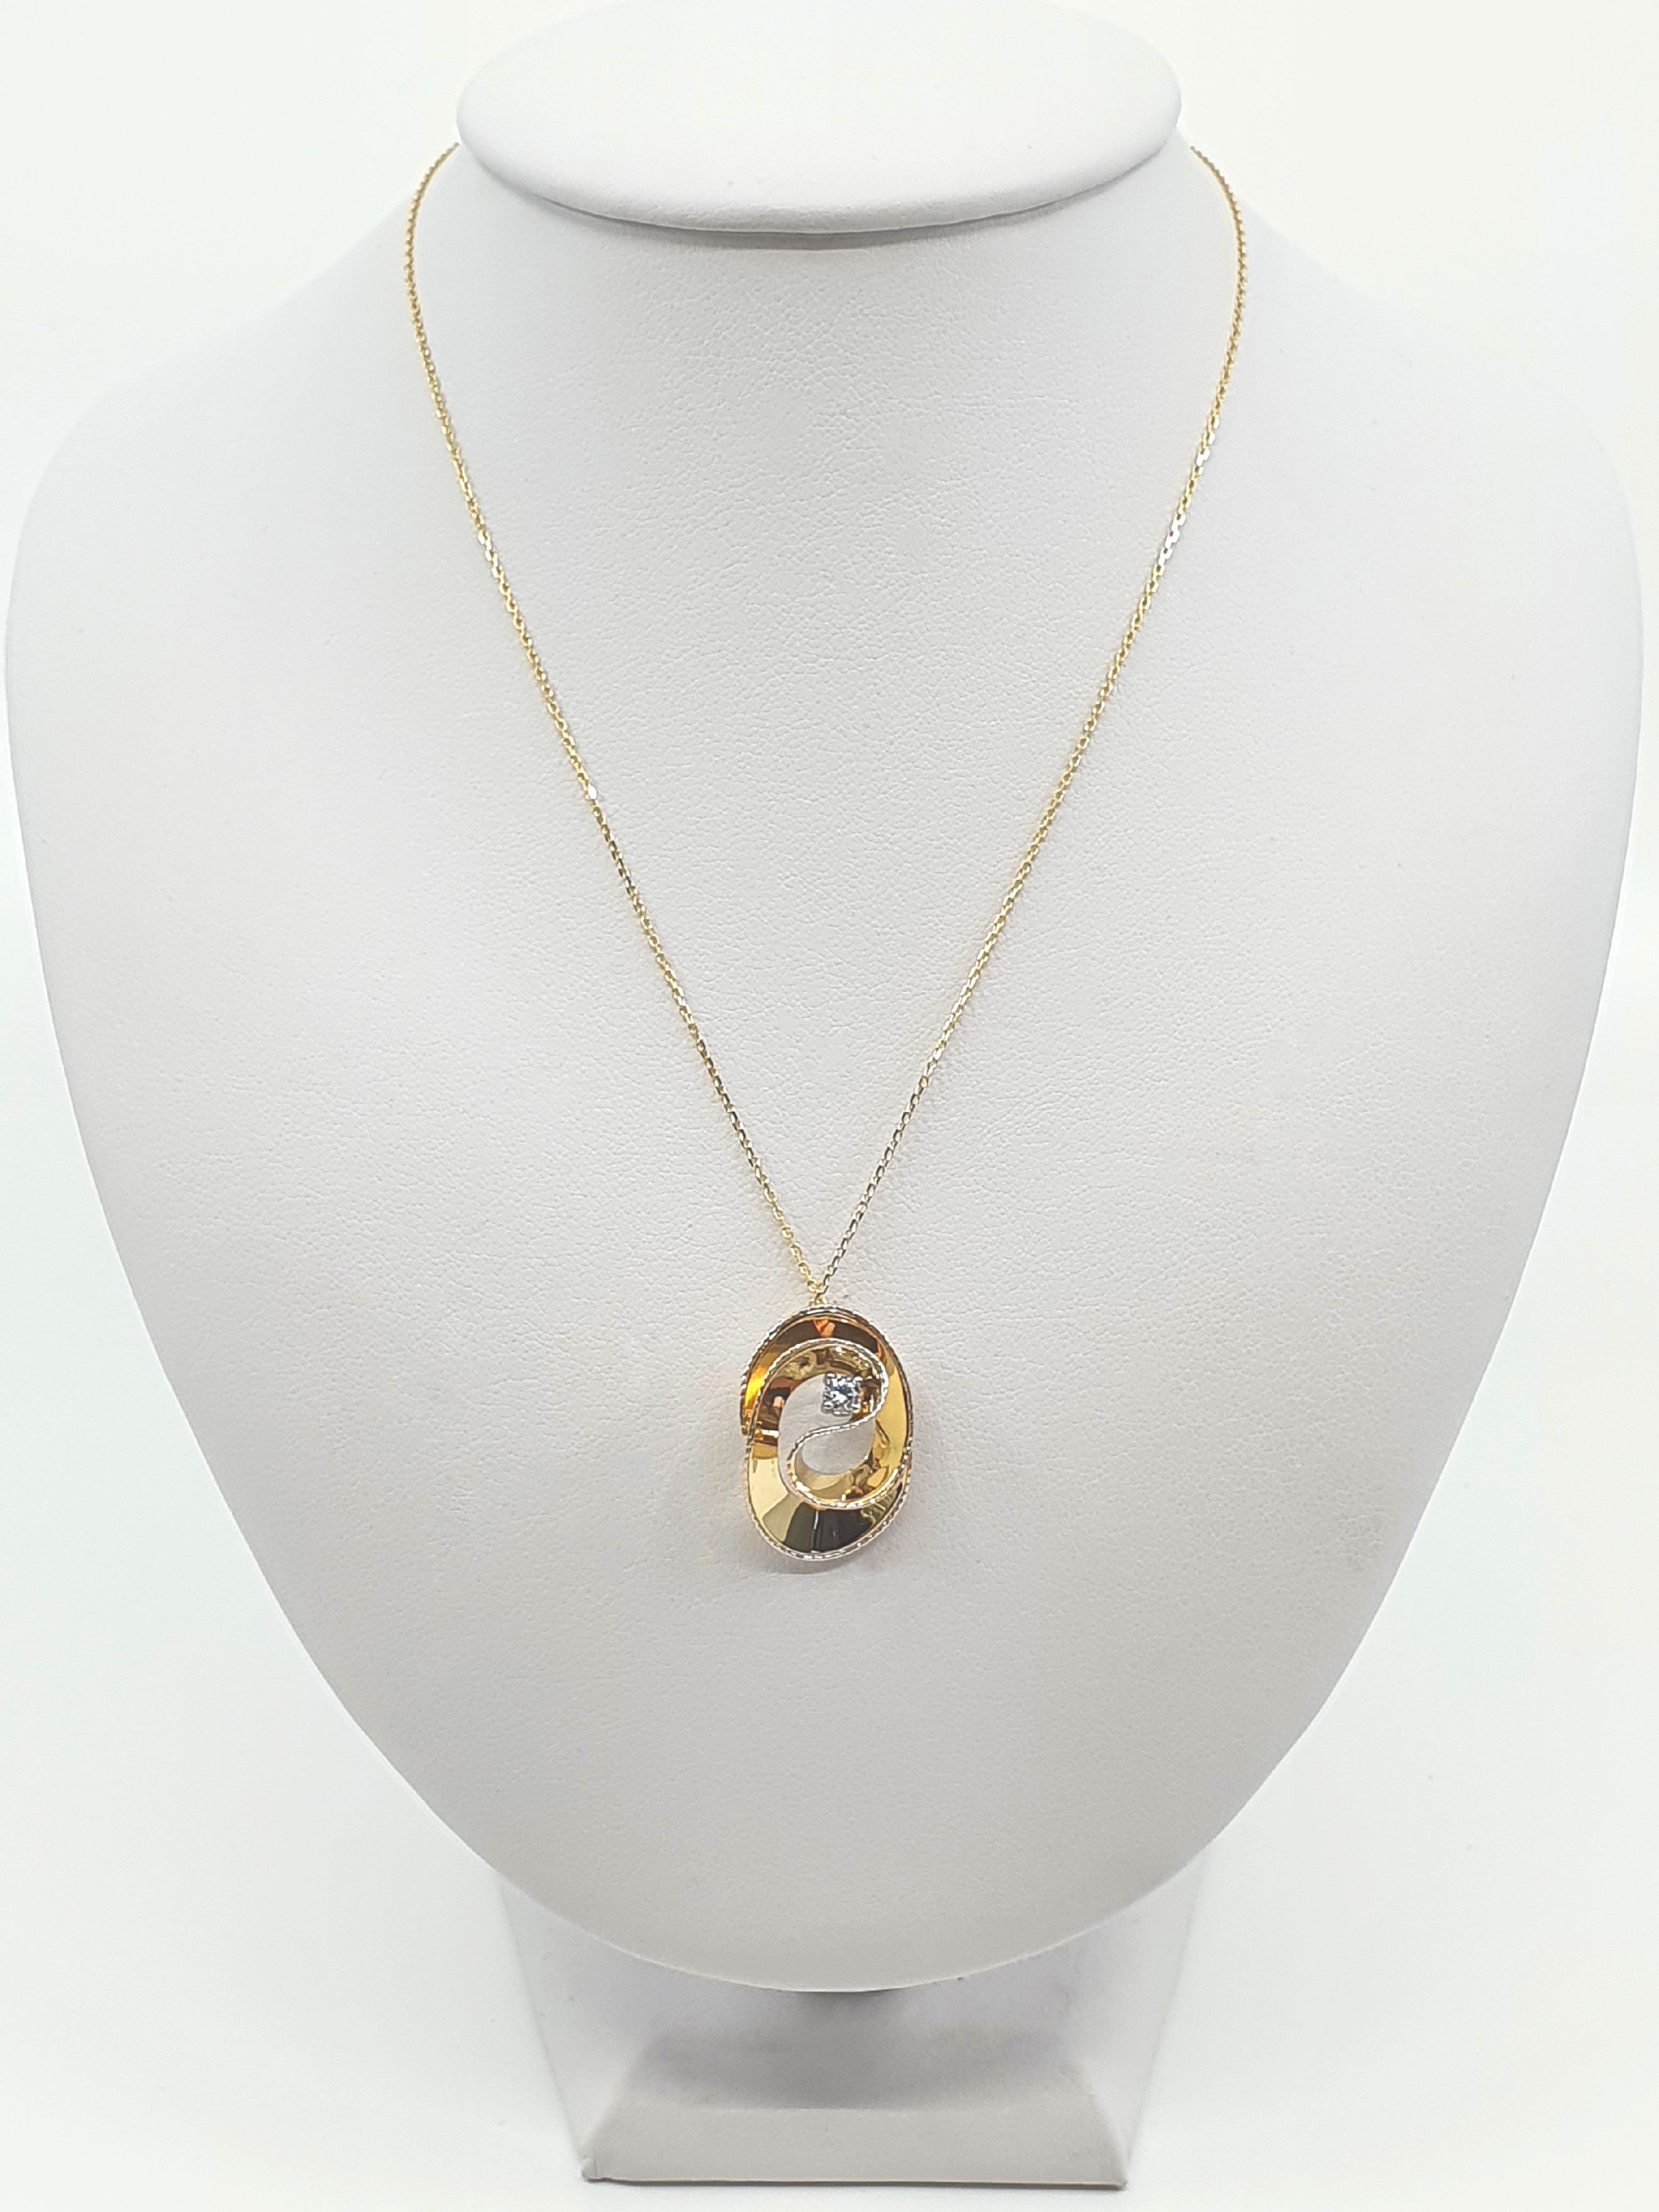 Řetízek, kombinované zlato, zirkon Délka: 45 cm, Váha v g: 2.60, Ryzost: 585/1000